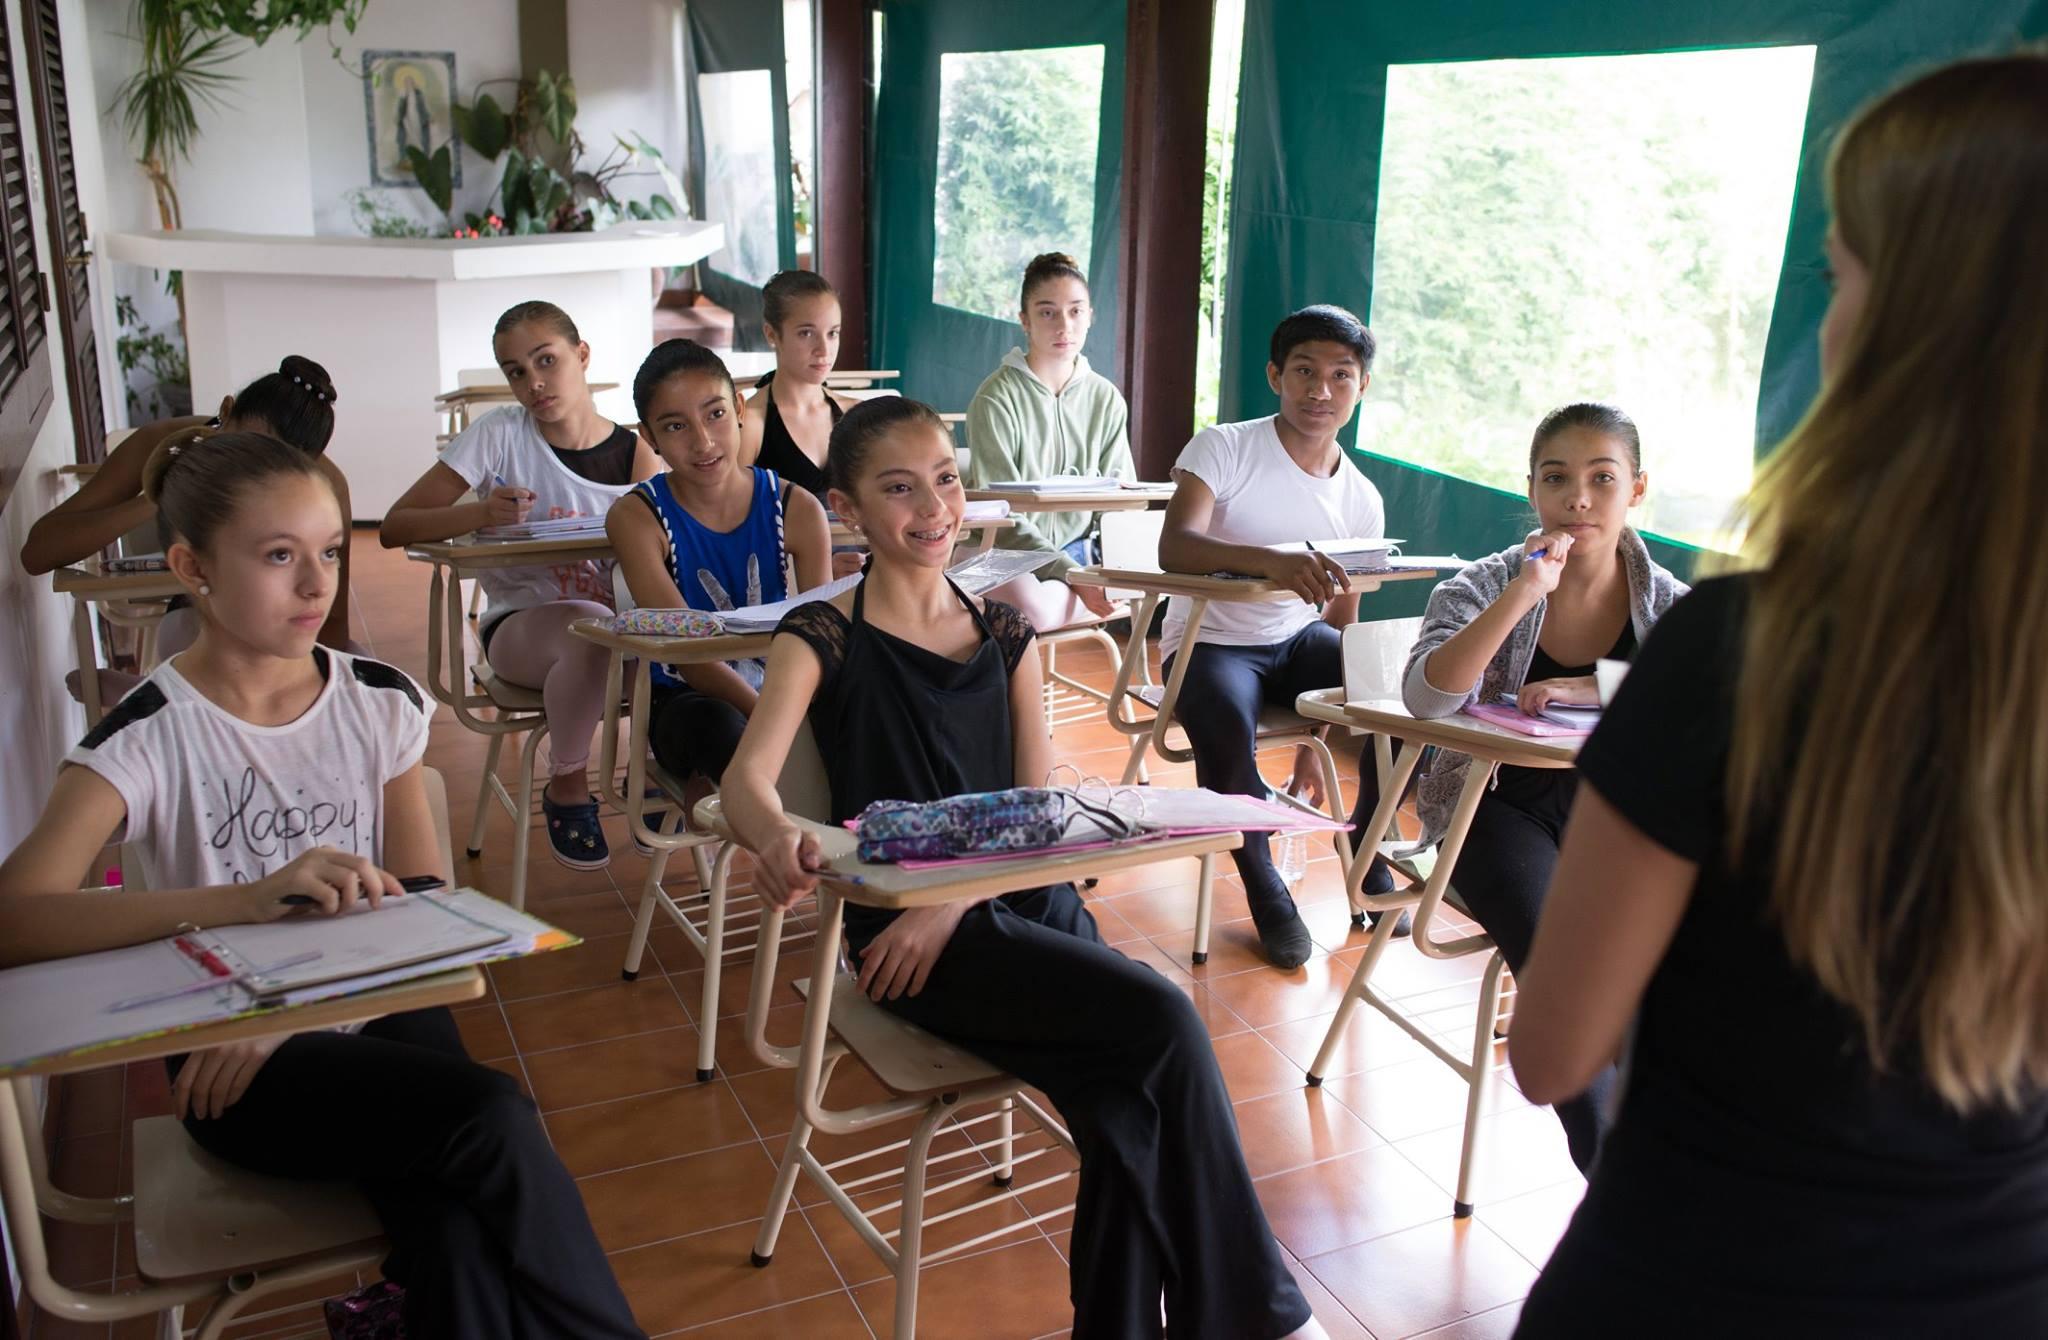 Clases teóricas y prácticas forman parte de una educación integral en la EOB de Salta. Foto: Gentileza.